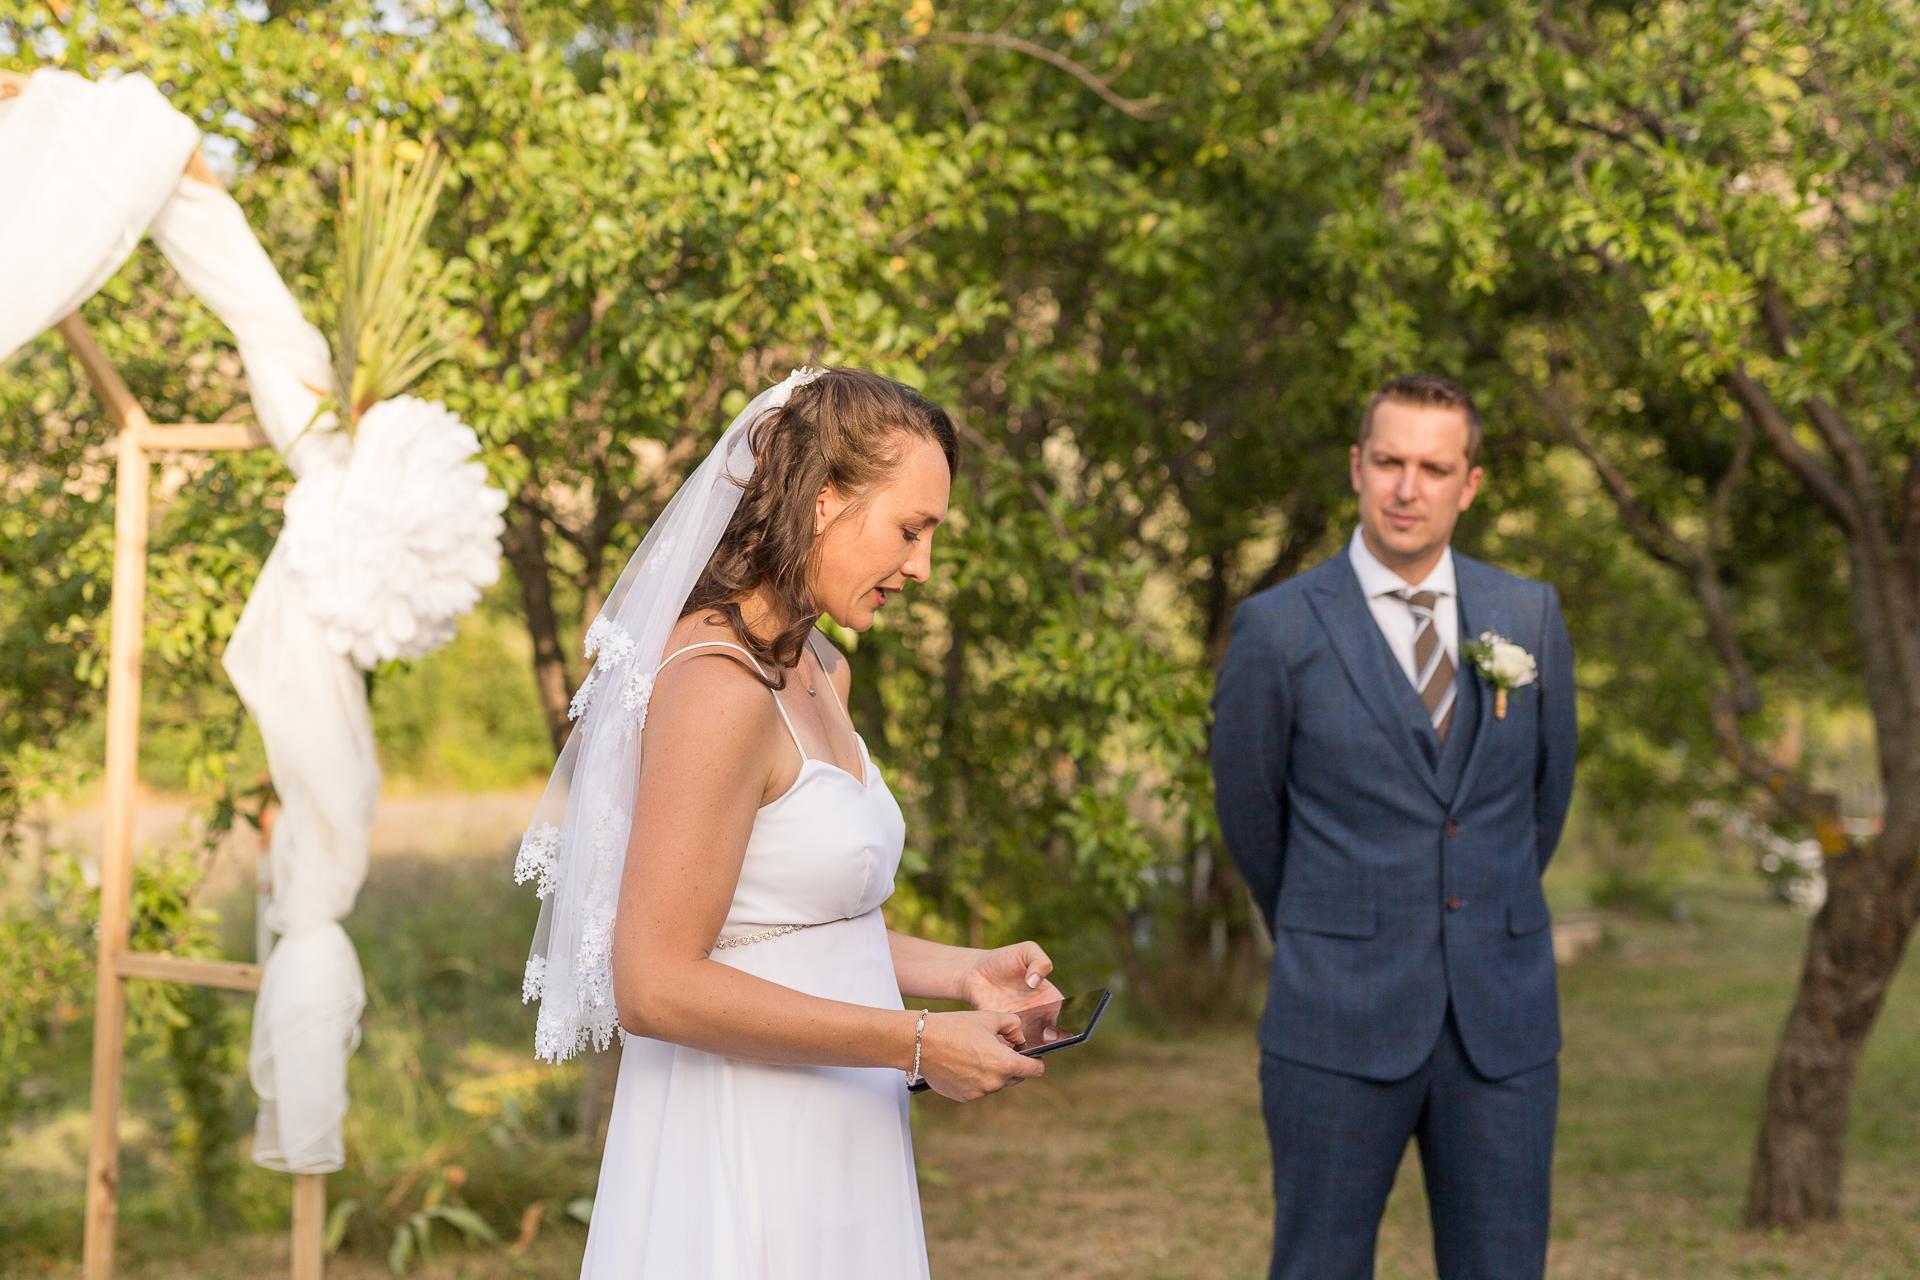 Fotógrafo de bodas de Mezel (Francia) | la novia se toma un momento para hablar seriamente sobre el amor que siente por su esposo